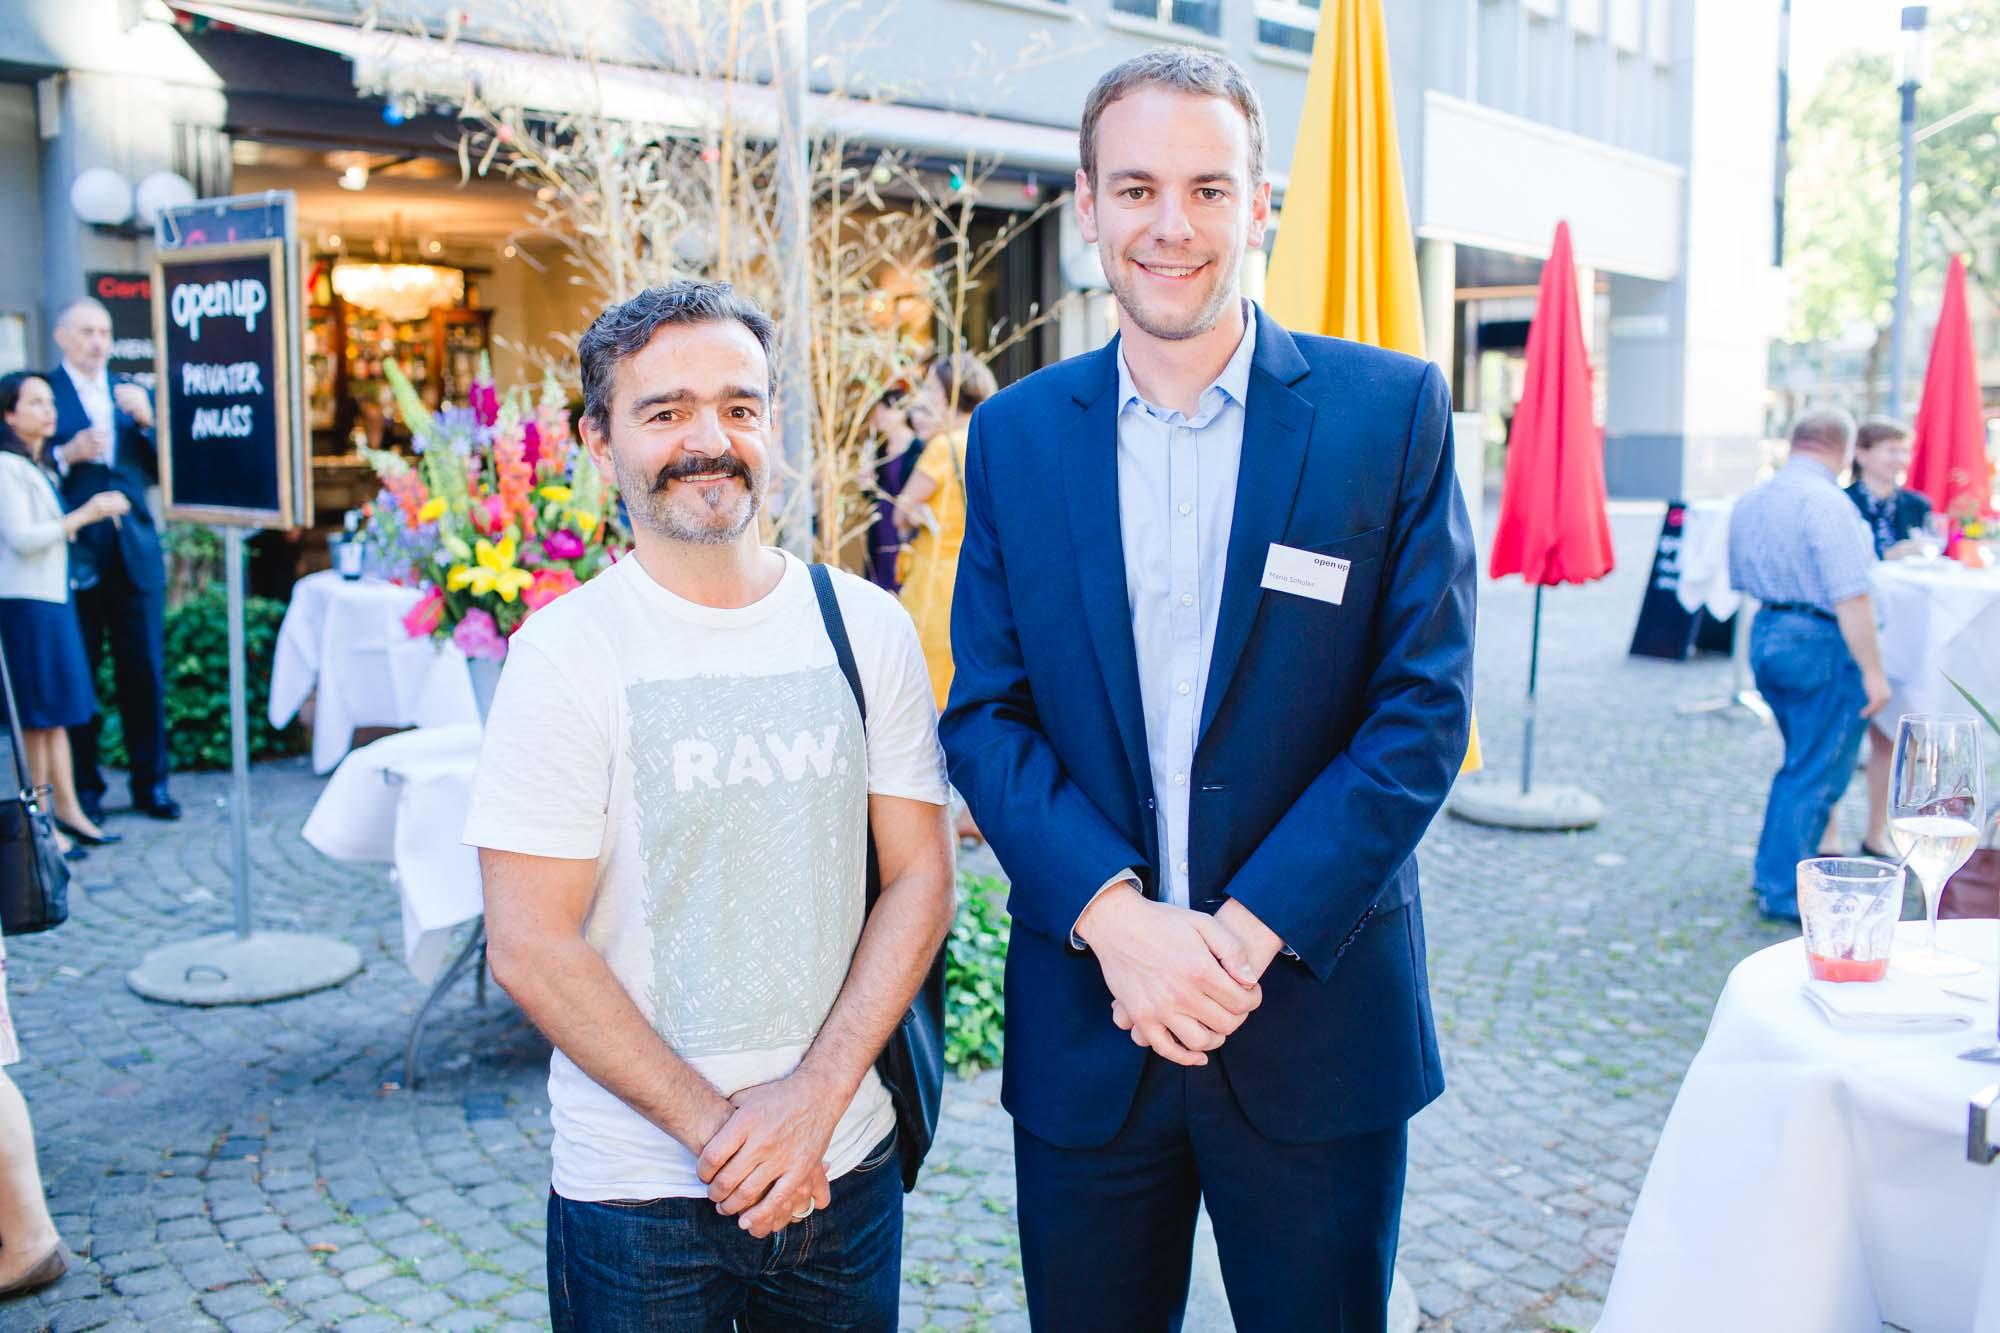 Rüedi Steiner and Mario Schuler